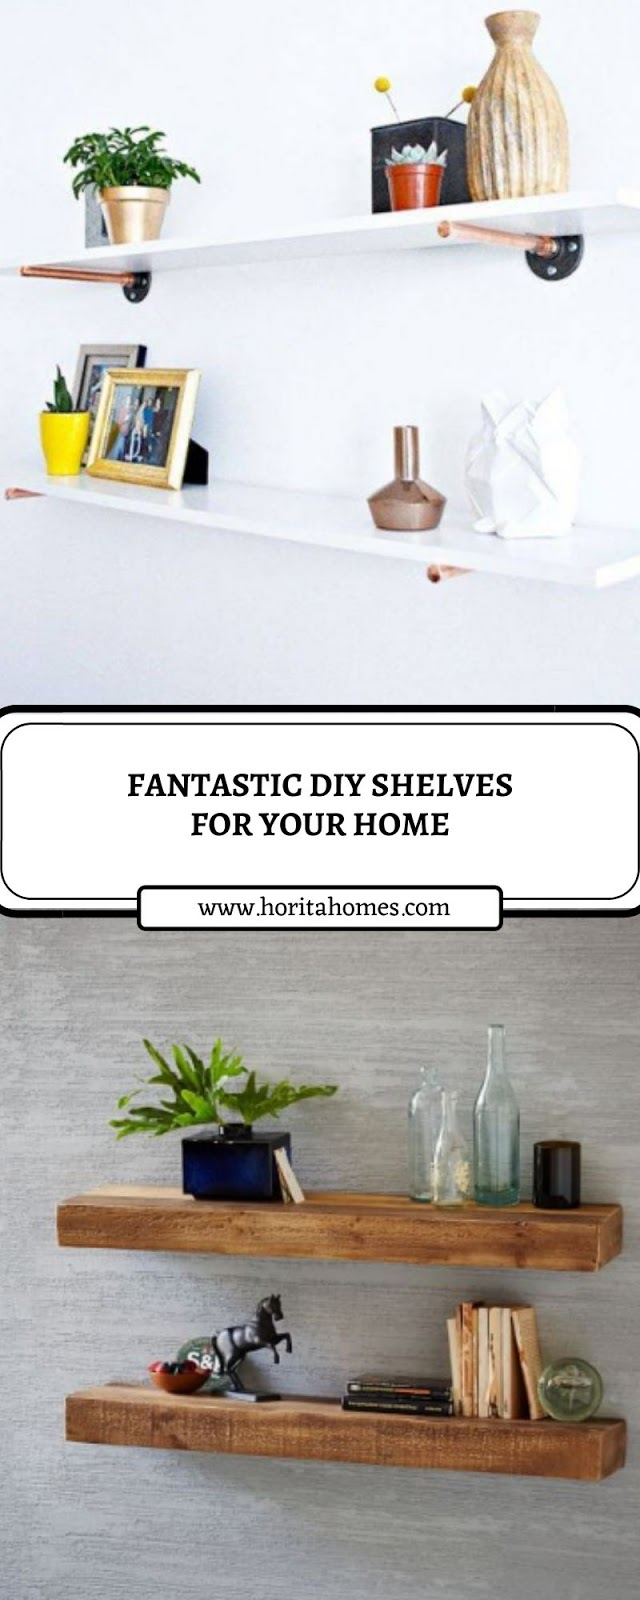 FANTASTIC DIY SHELVES FOR YOUR HOME